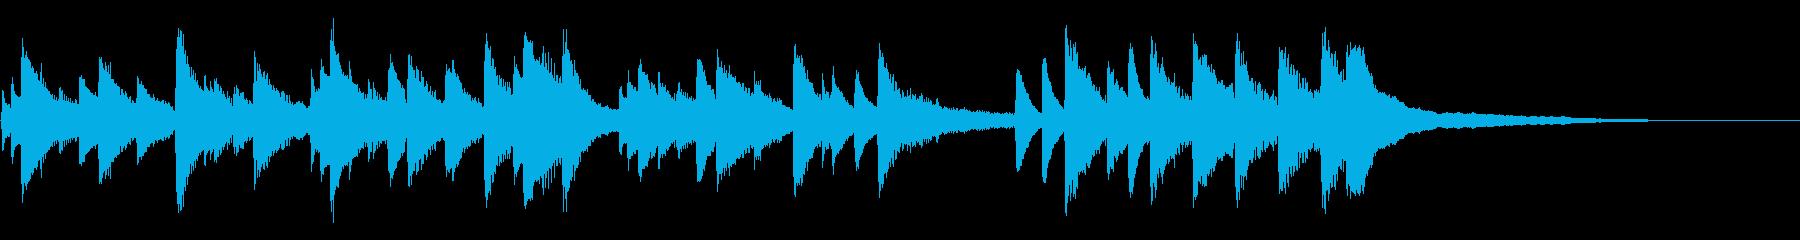 子どもの誕生日を祝ったピアノ曲3の再生済みの波形